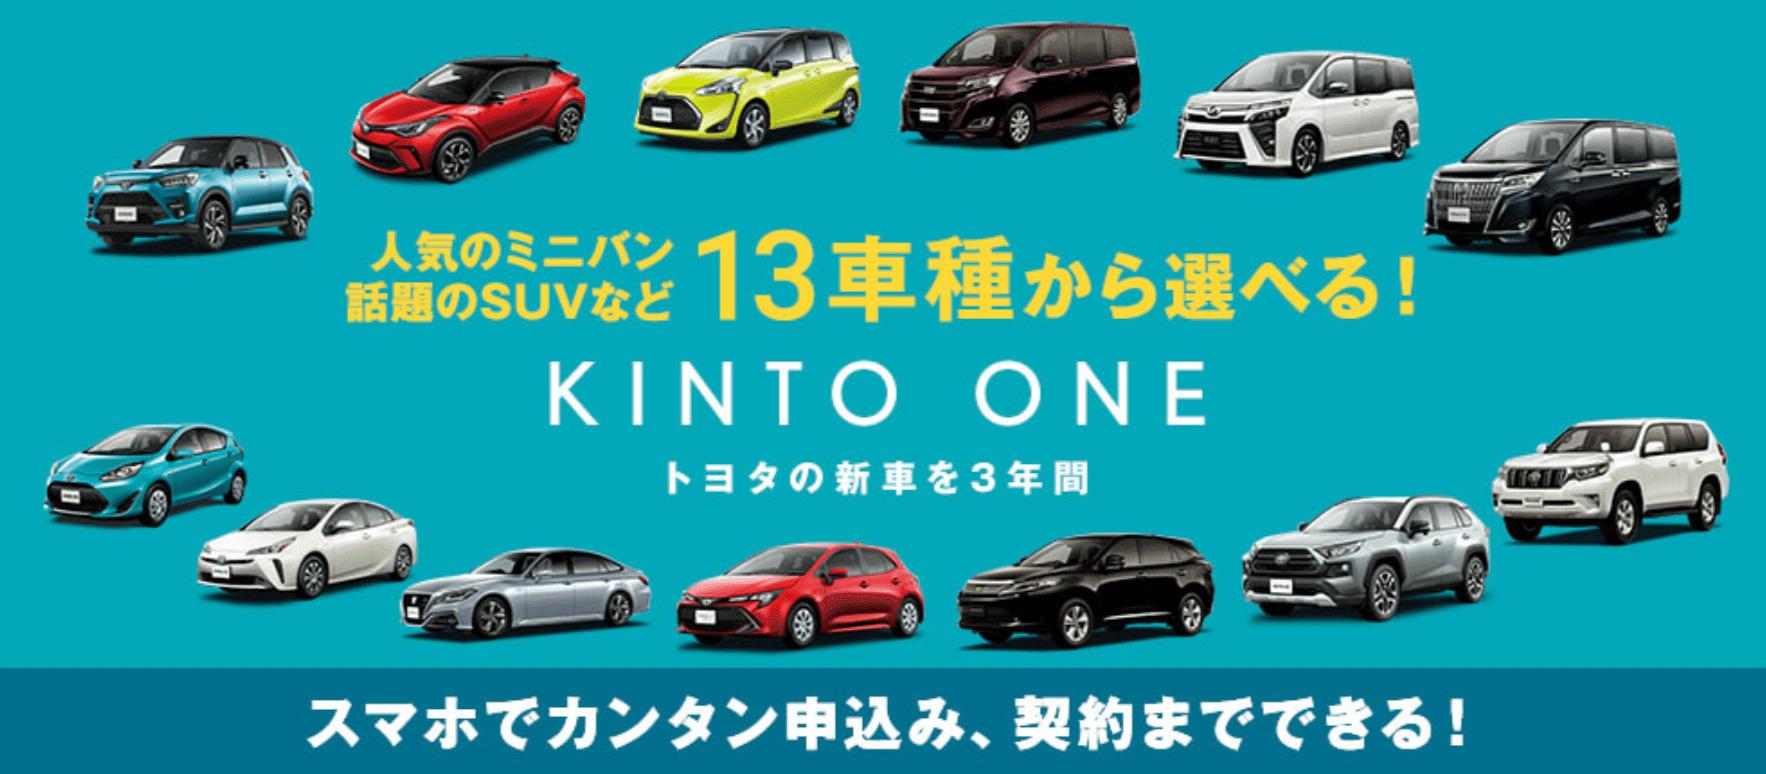 トヨタのサブスク『KINTO』サービス開始10ヶ月で累計契約951件